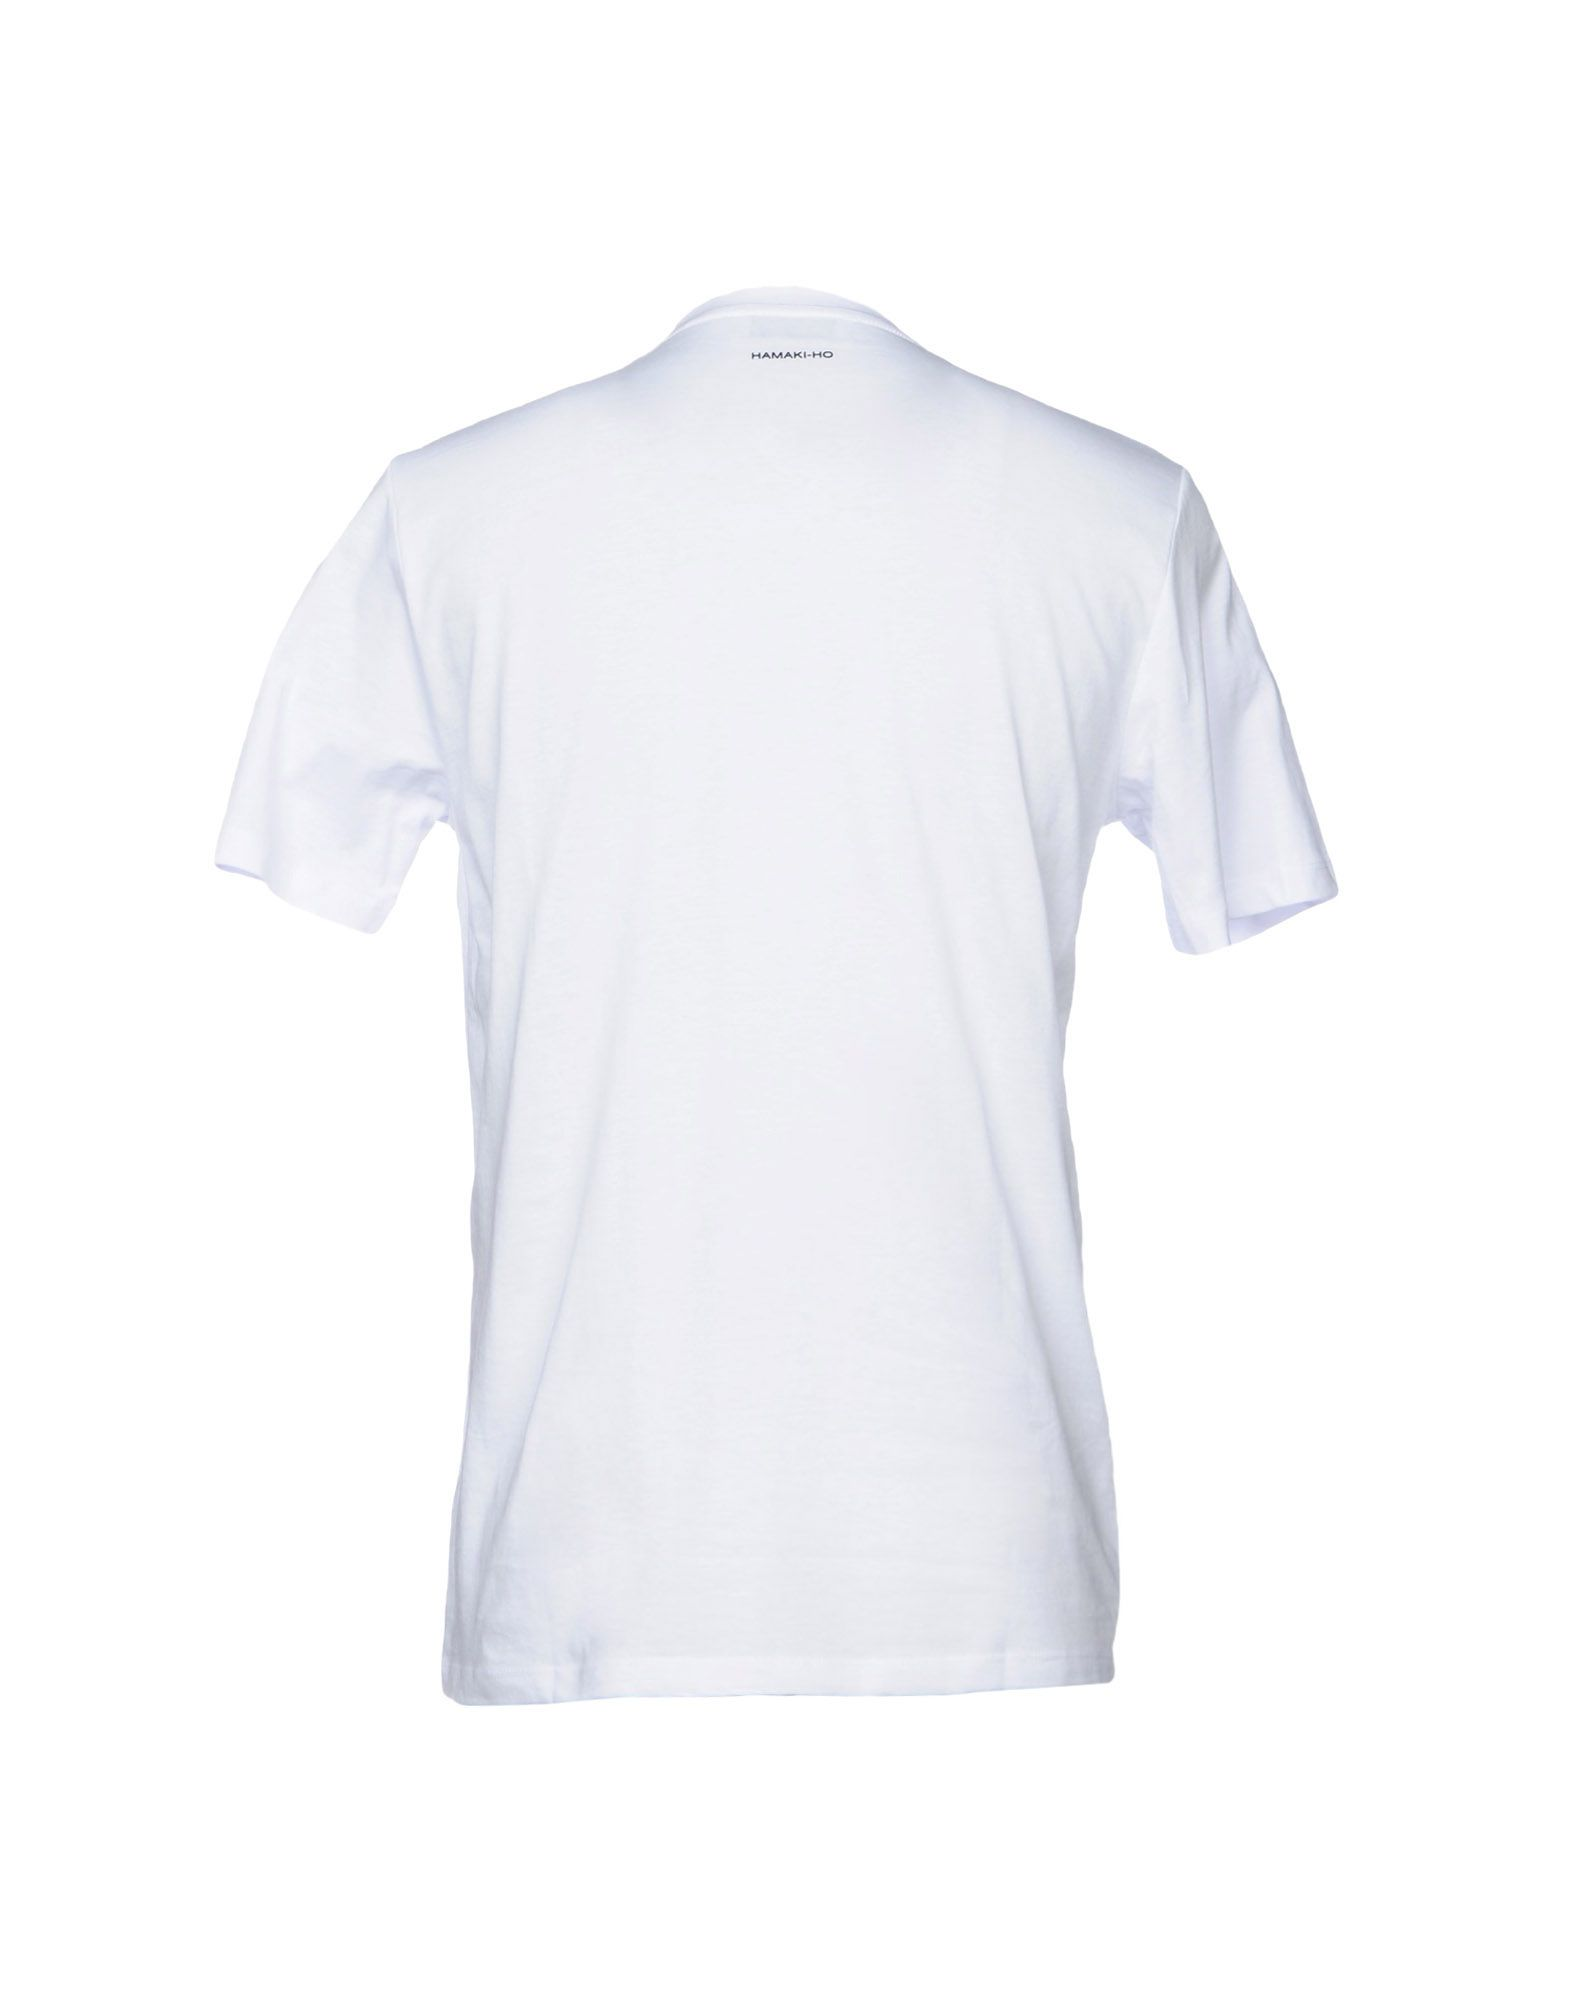 A buon - mercato A buon mercato T-Shirt Hamaki-Ho Uomo - buon 12126301BU 8f1624